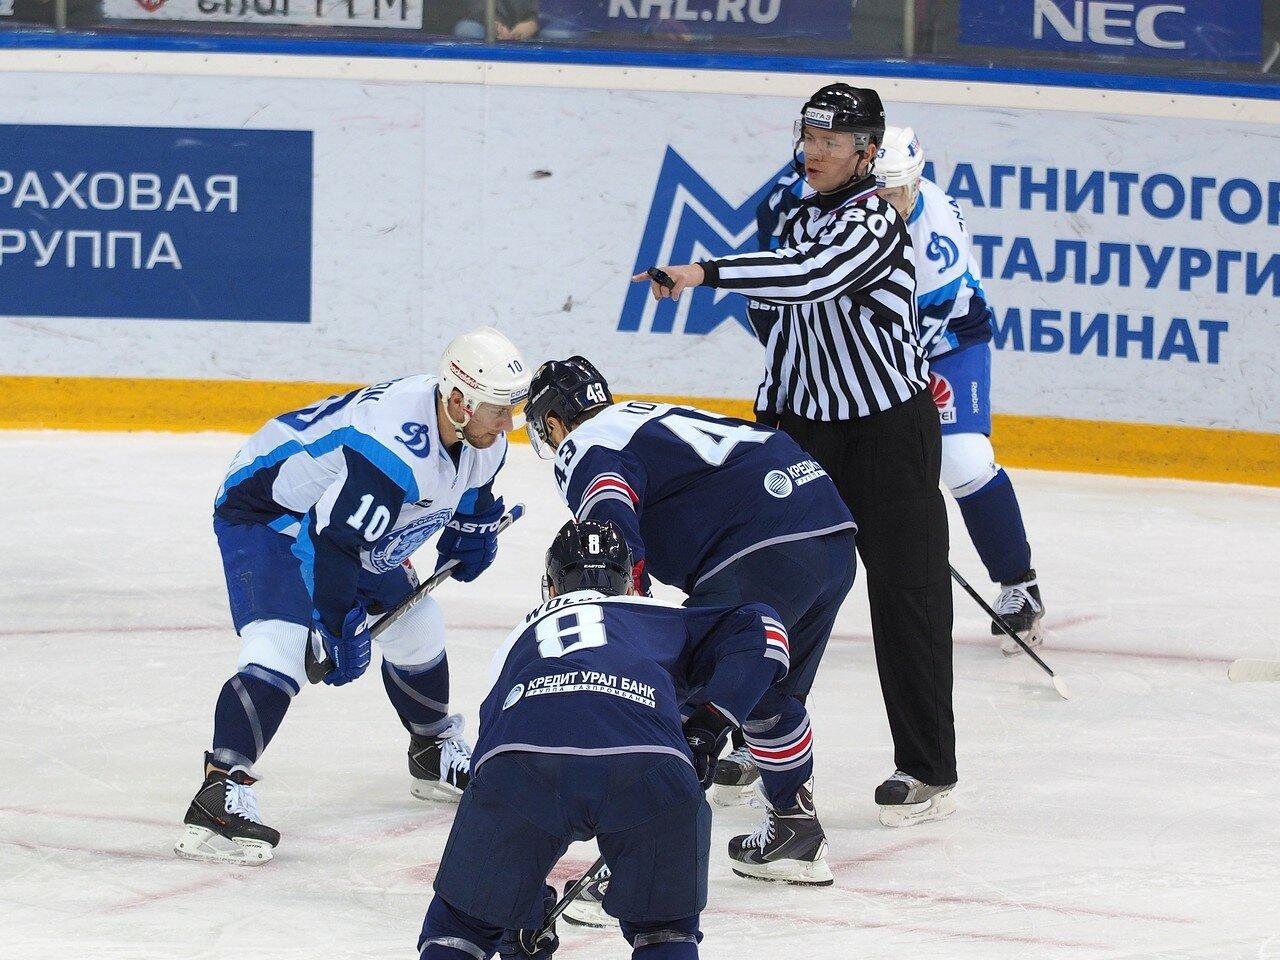 15Металлург - Динамо Минск 13.01.2015